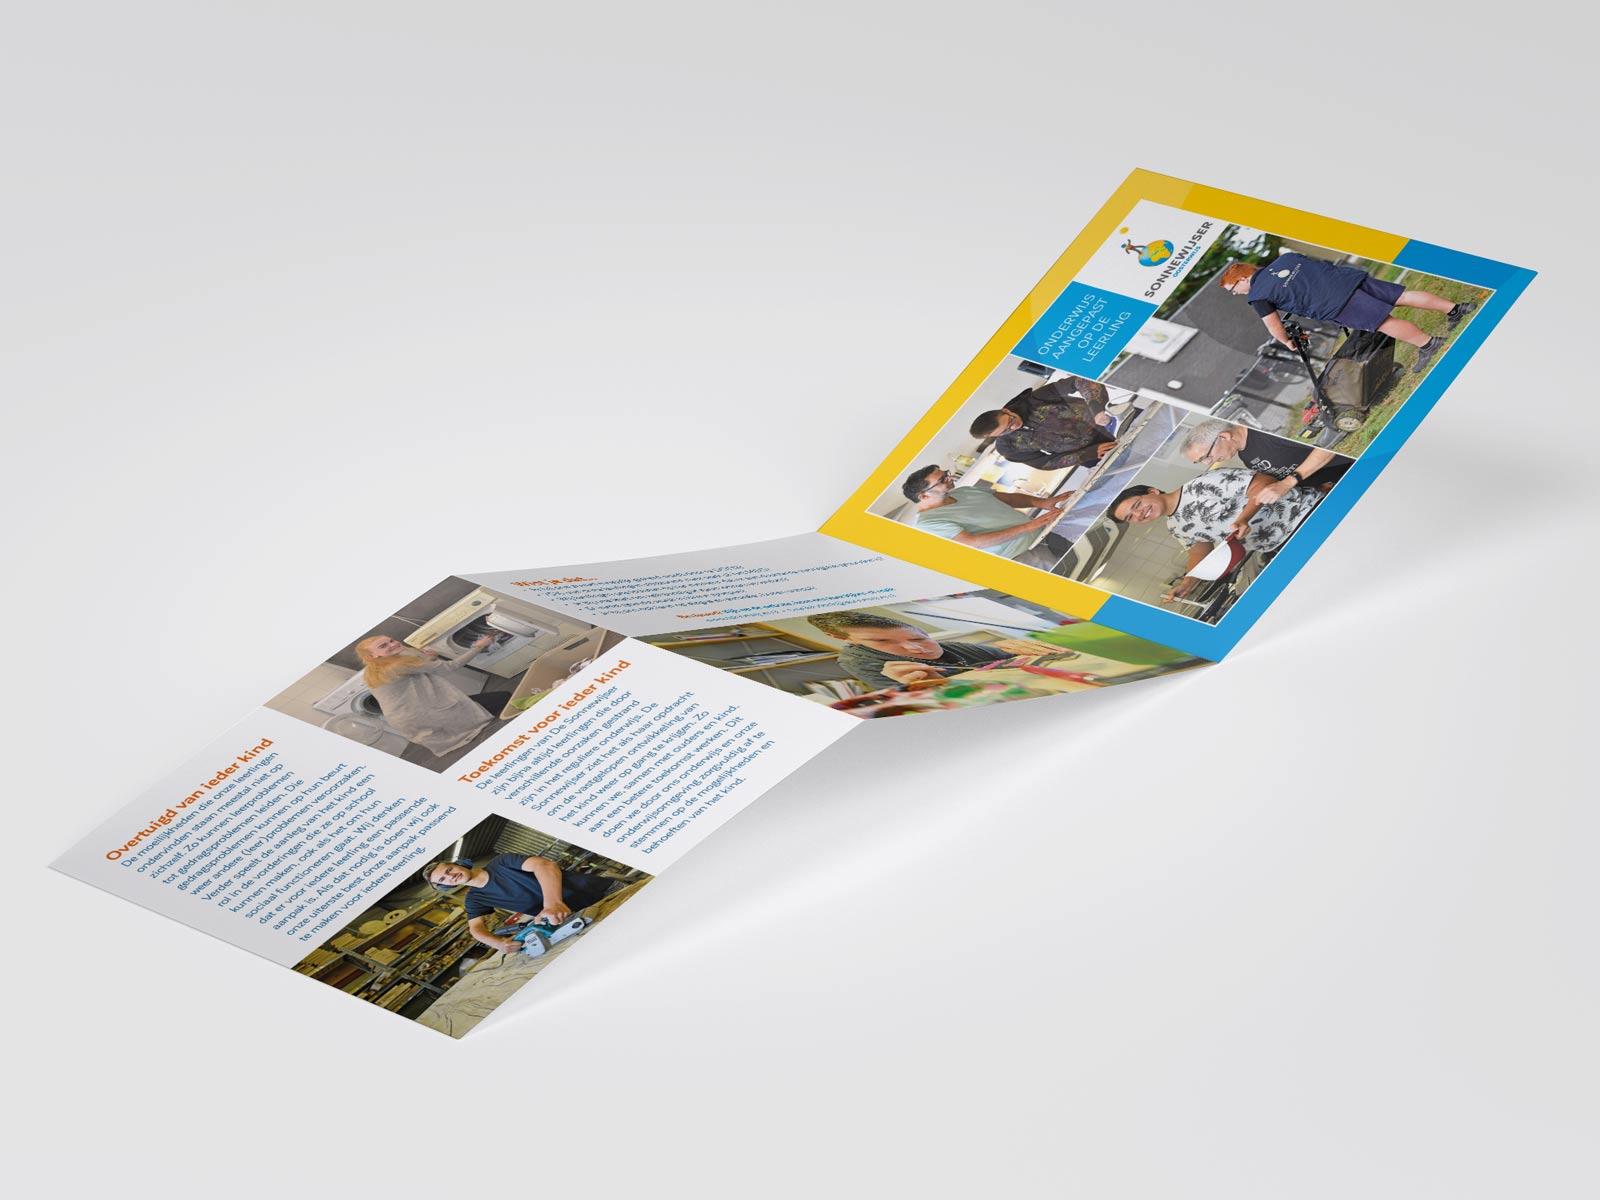 folder_liggend2_1600